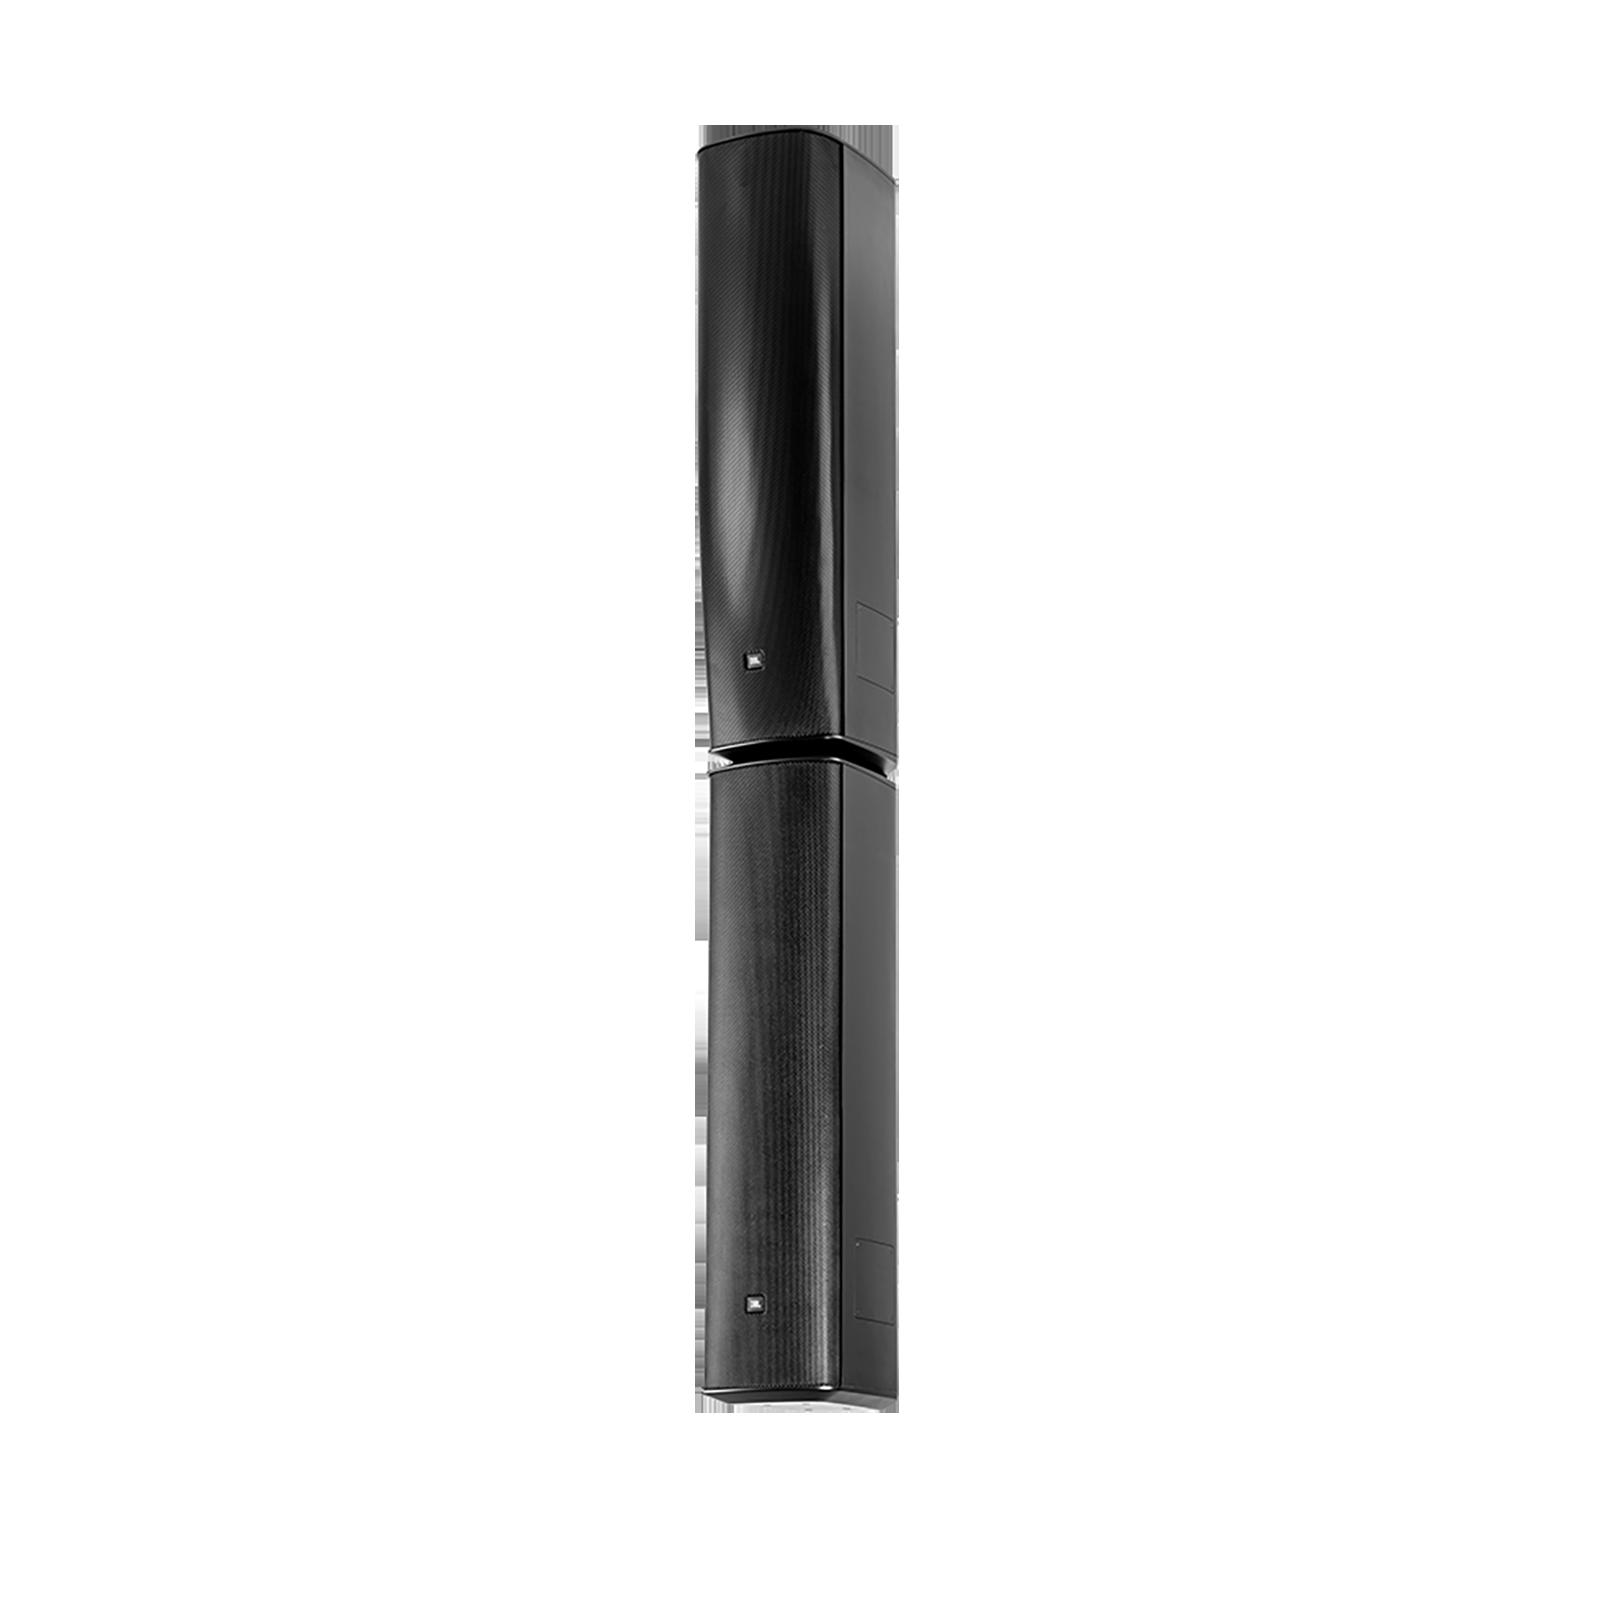 JBL CBT 1000E (B-Stock) - Black - Extension for CBT 1000 Line Array Column Speaker - Detailshot 2